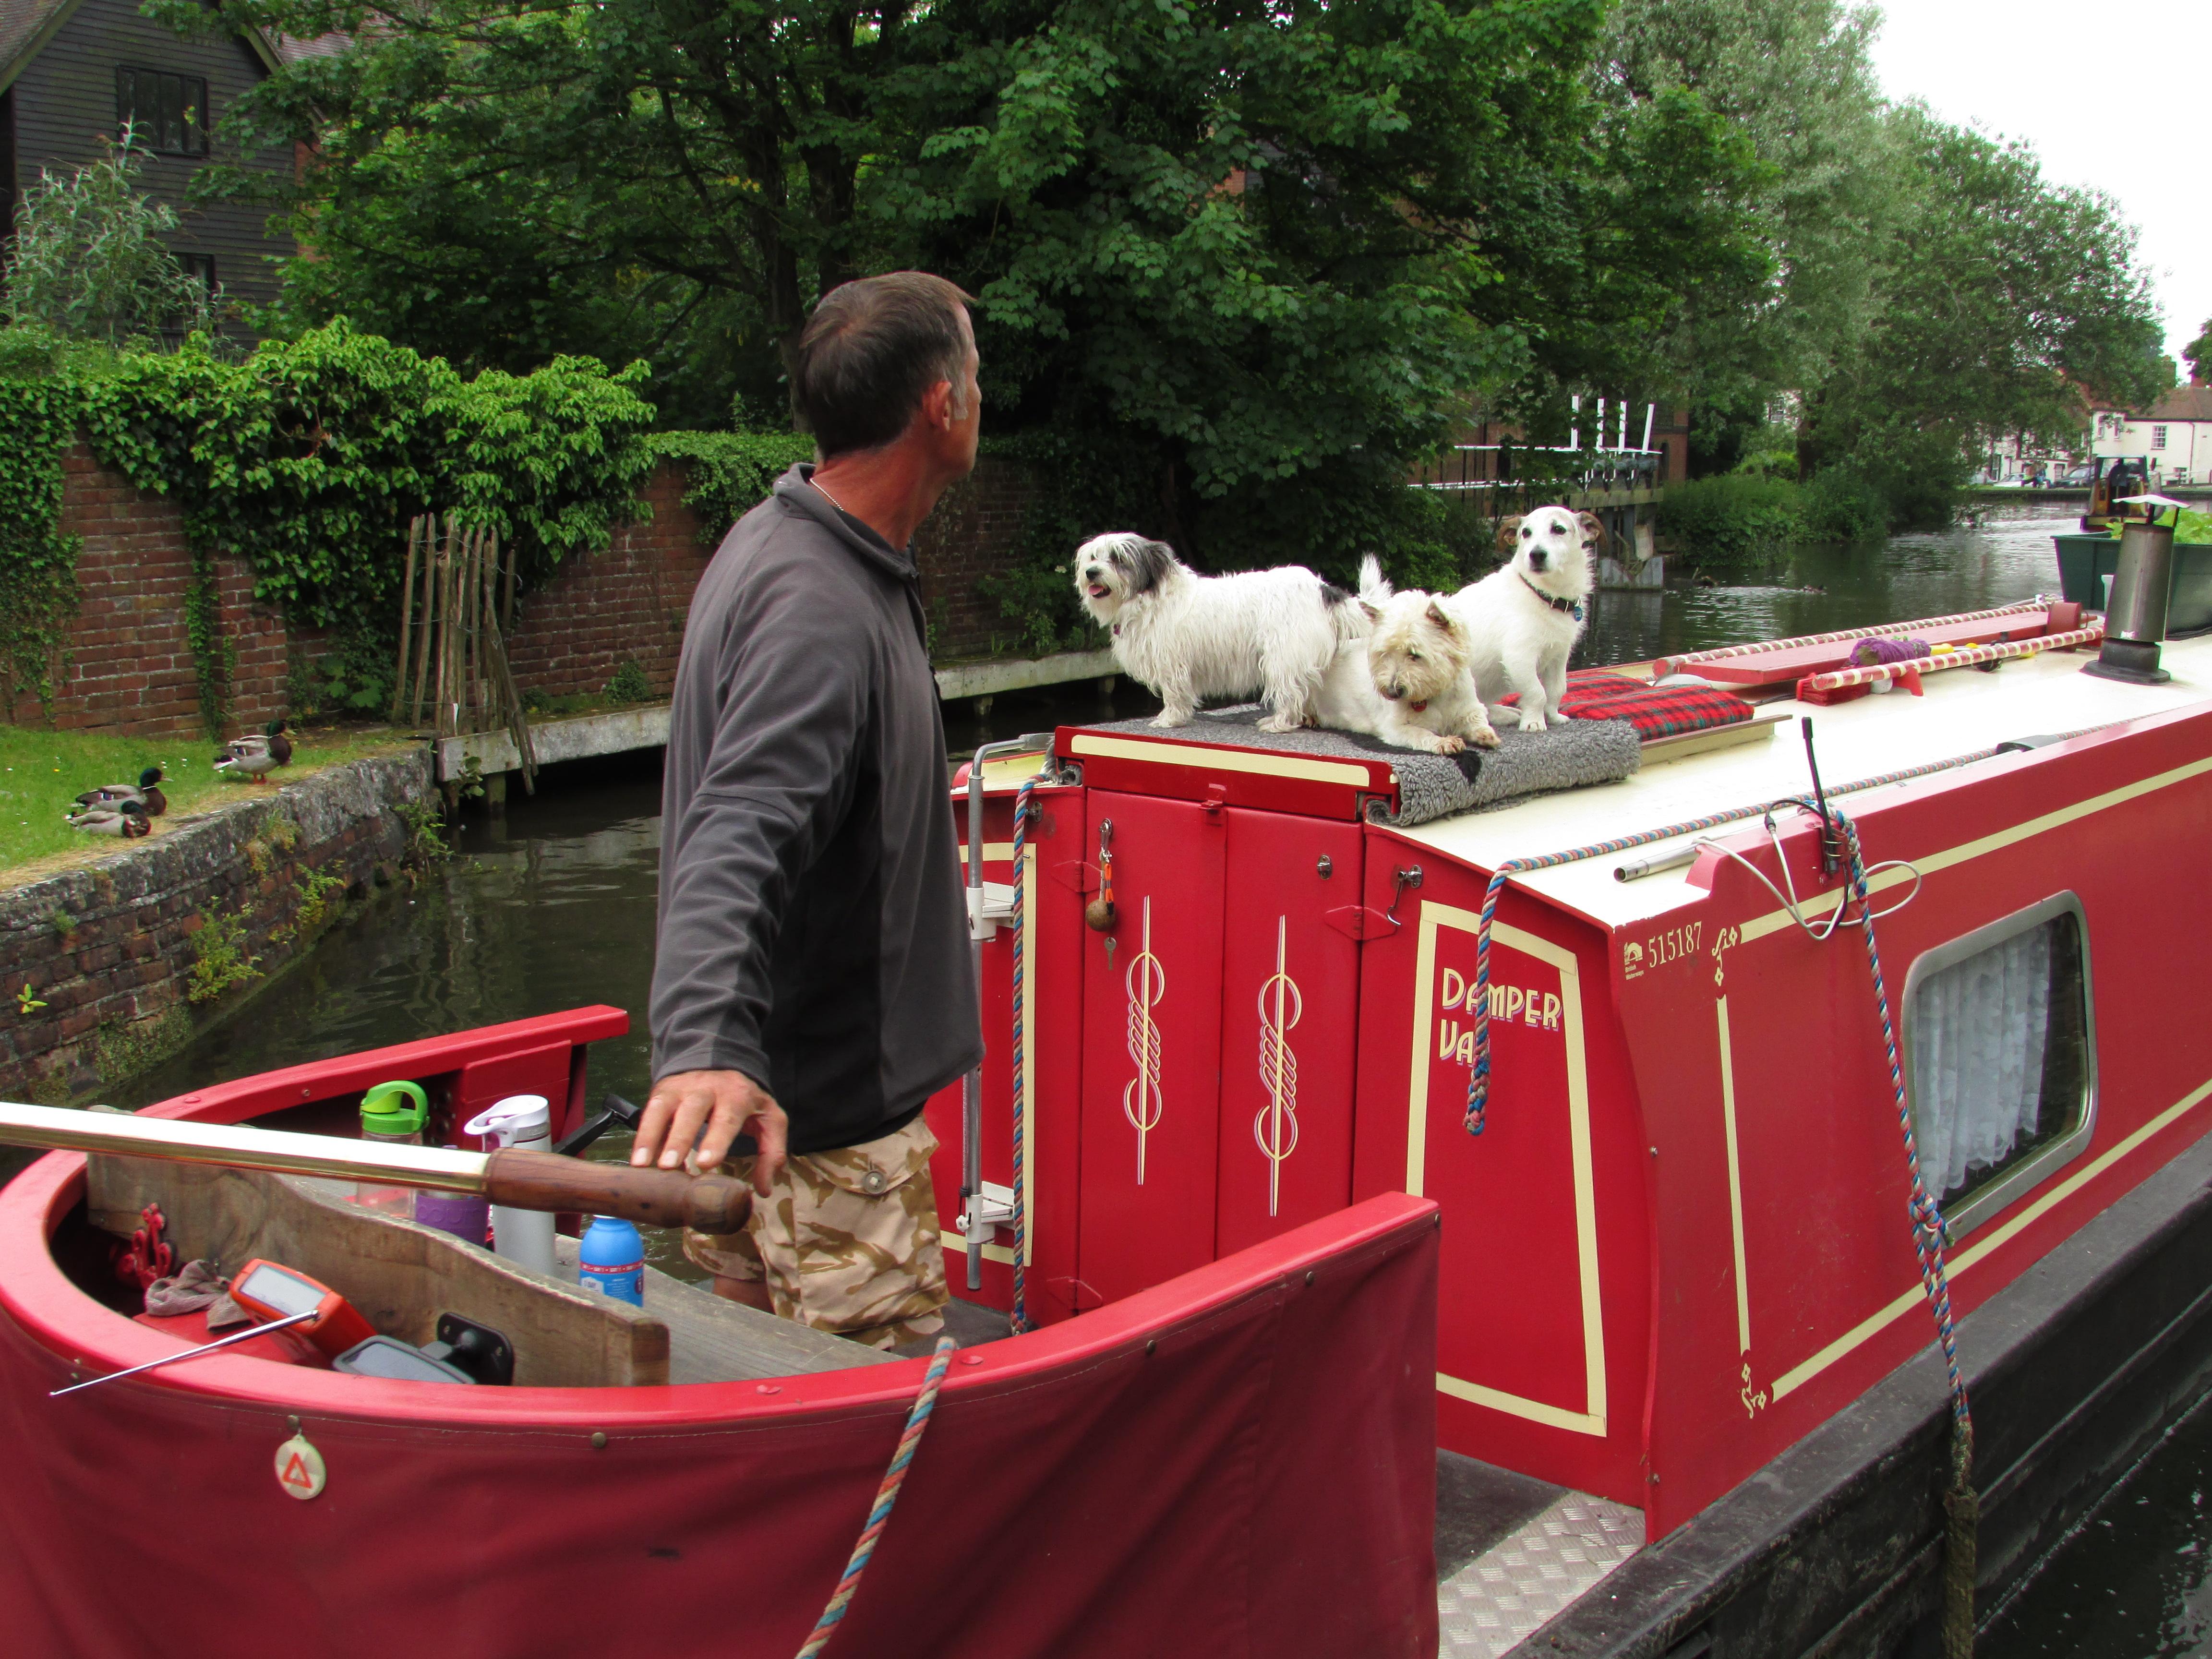 три собаки в лодке в Ньюбури